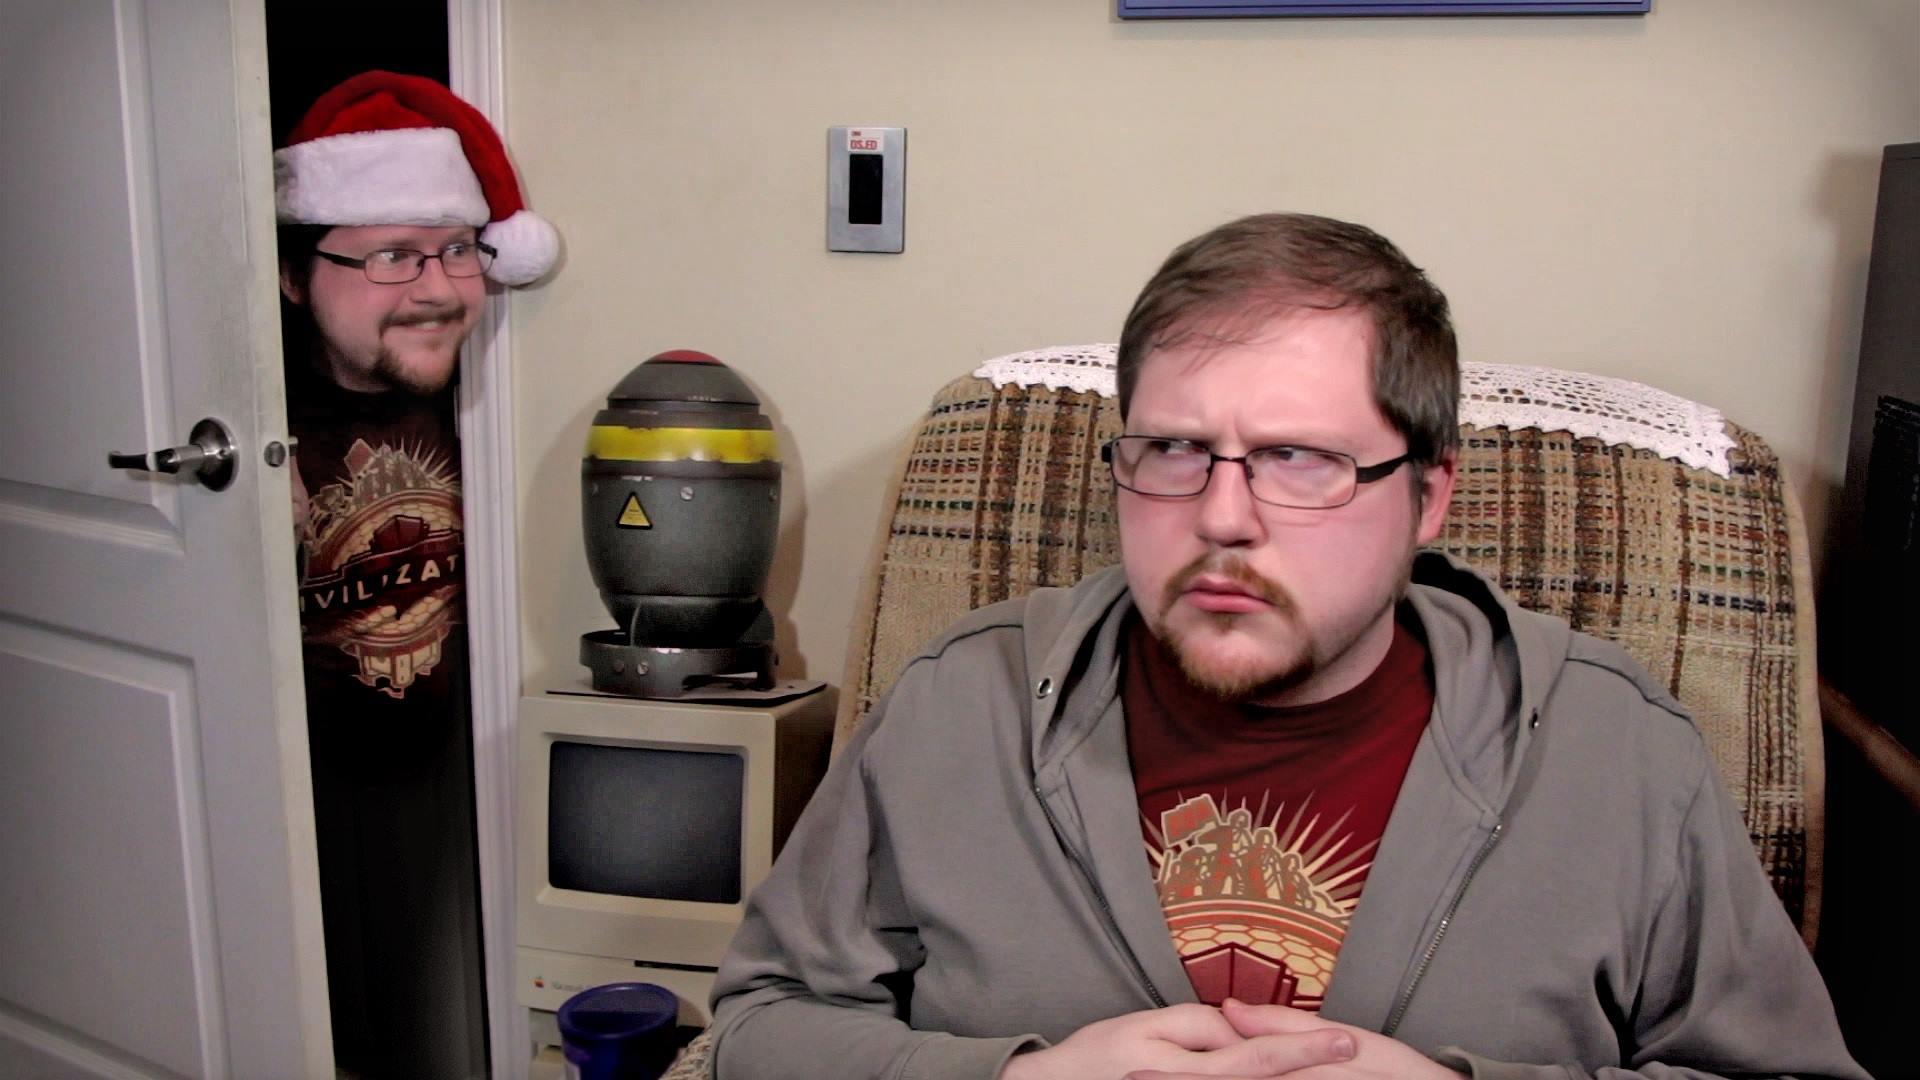 Un gag récurrent sur la chaîne YouTube LGR est l'arrivée du Christmas Clone peu avant Noël